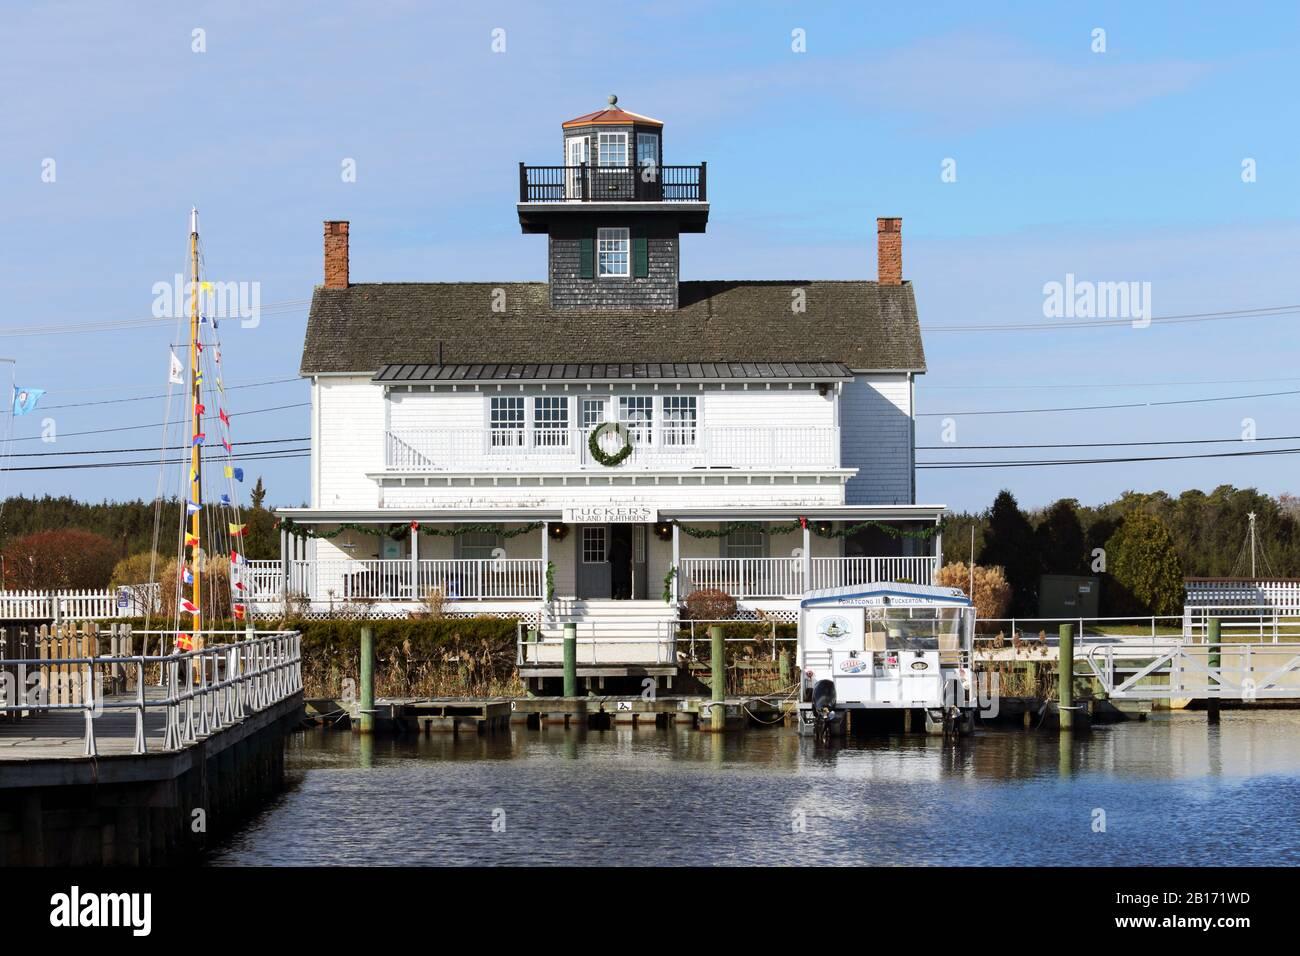 El puerto marítimo de Tuckerton y el Museo Baymen cuentan con una réplica del faro de Tucker Island que estaba cerca. Tuckerton, Nueva Jersey, Estados Unidos Foto de stock